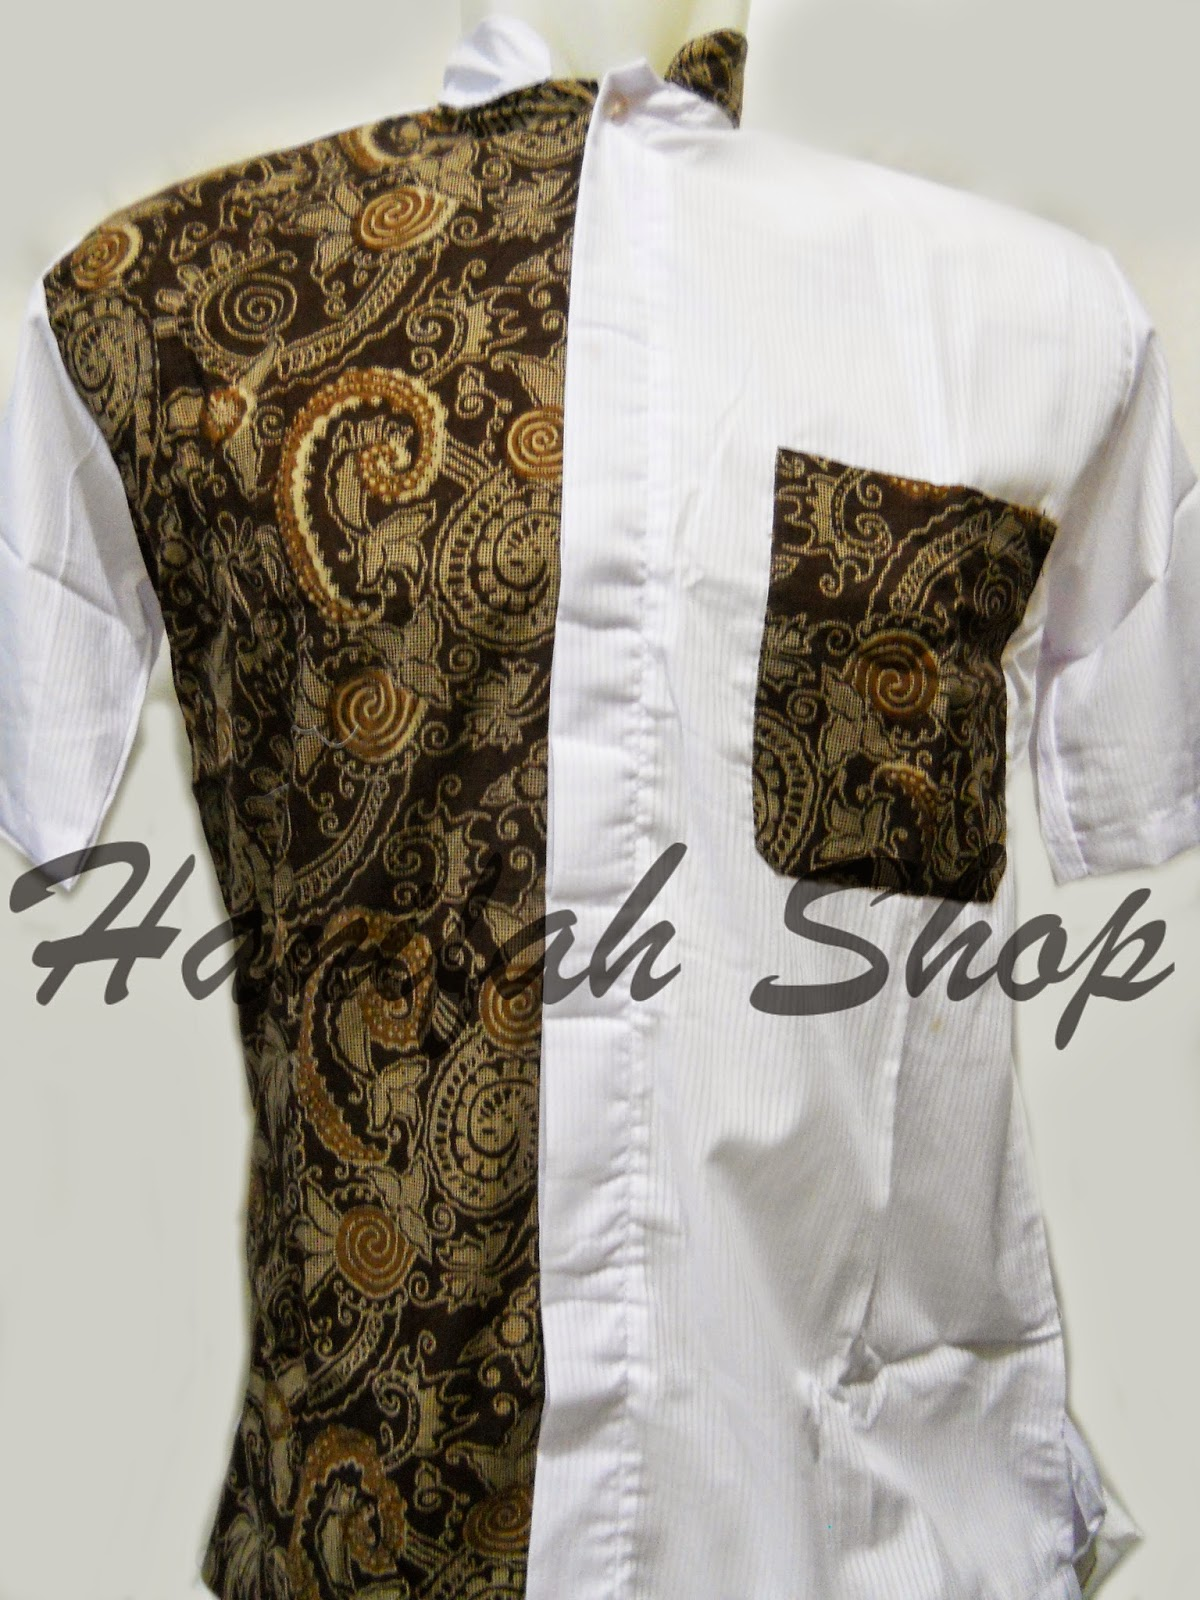 Grosir Baju MuslimMukena AnakJilbab Baju Renang Dengan